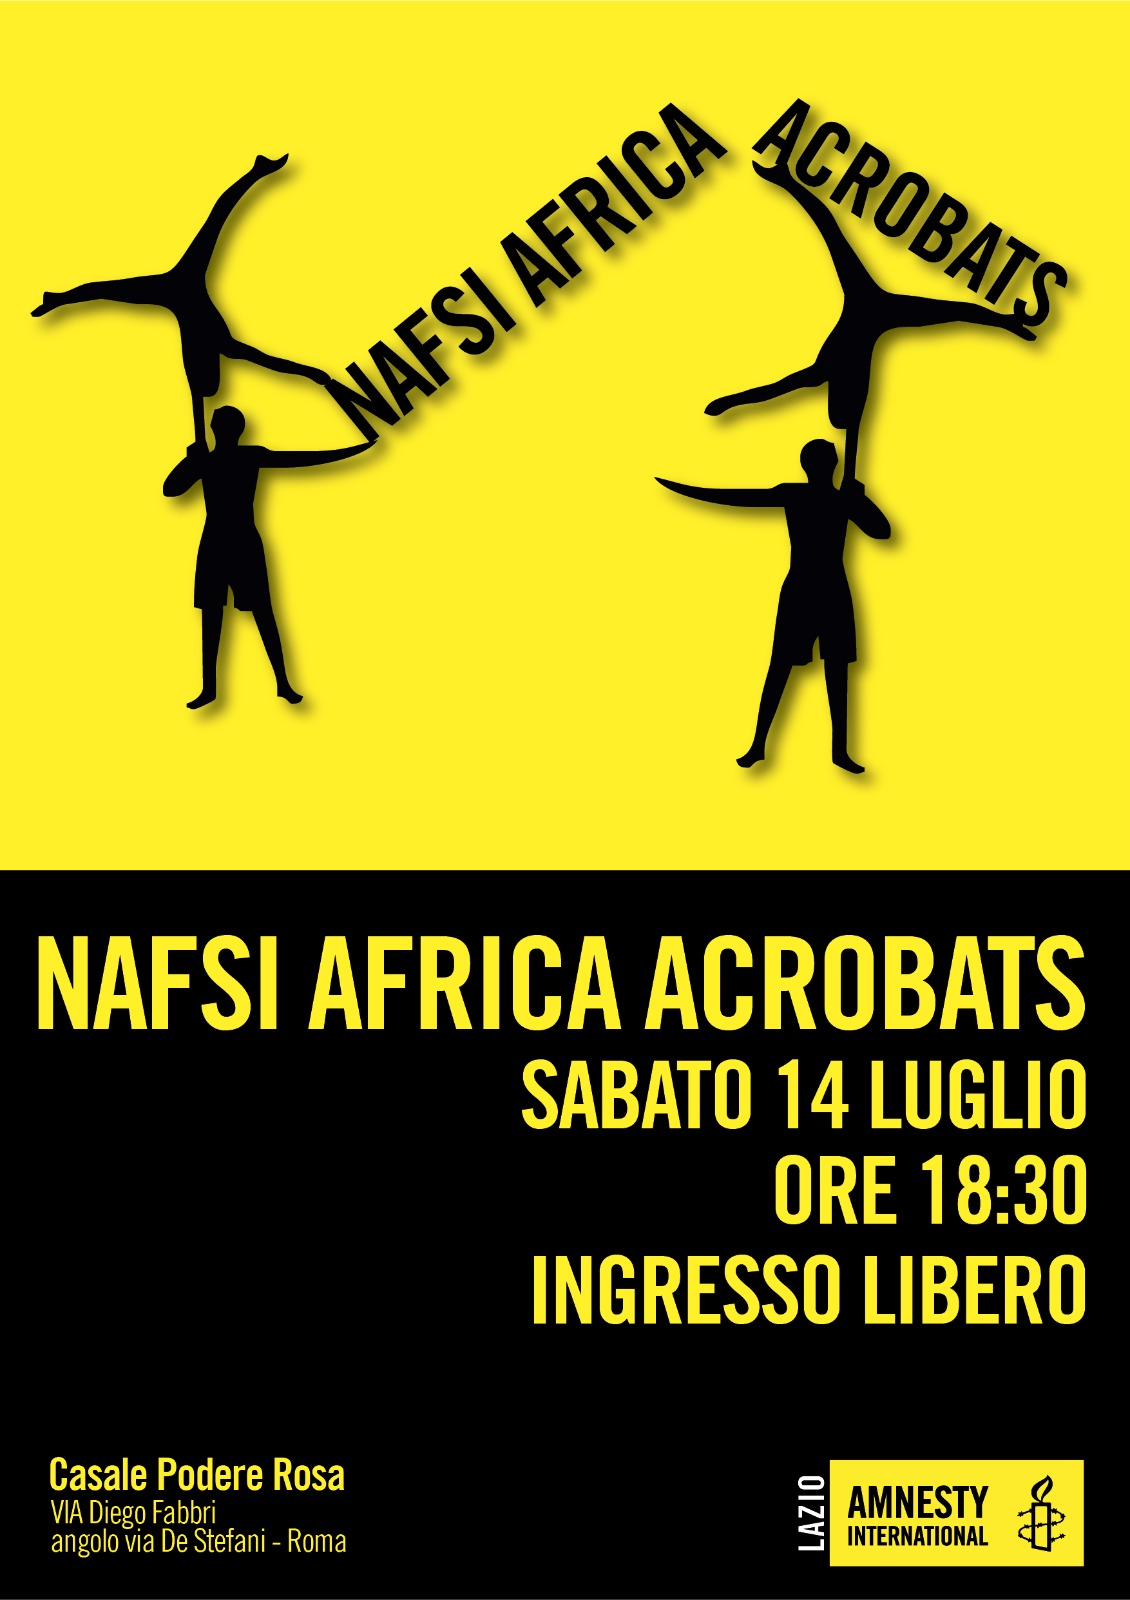 [NafsiAfricaAcrobats_071418]